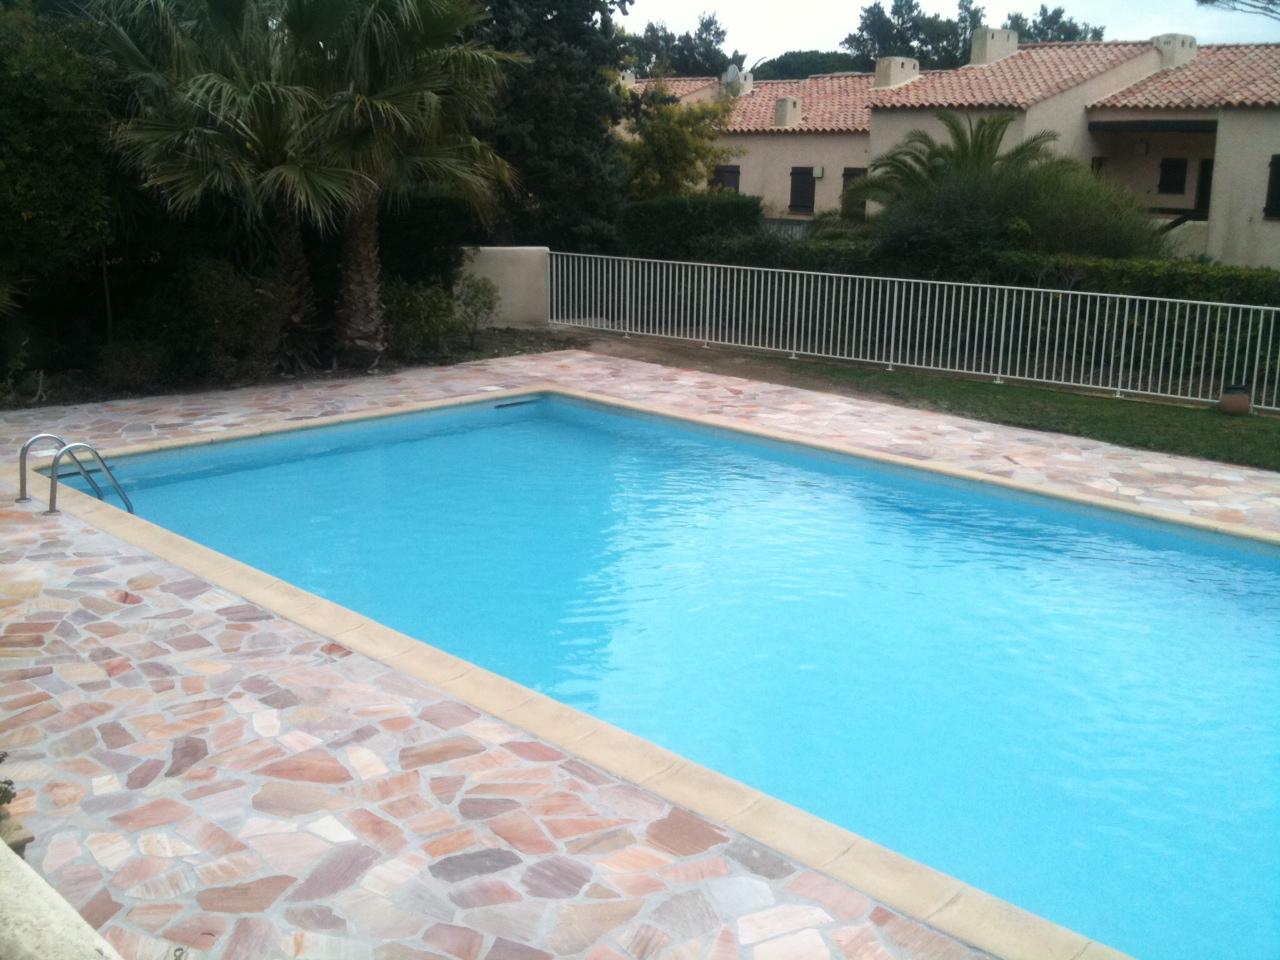 la baie de pramousquier des nouvelles dalles pour la piscine pour plus de s curit et des wc. Black Bedroom Furniture Sets. Home Design Ideas